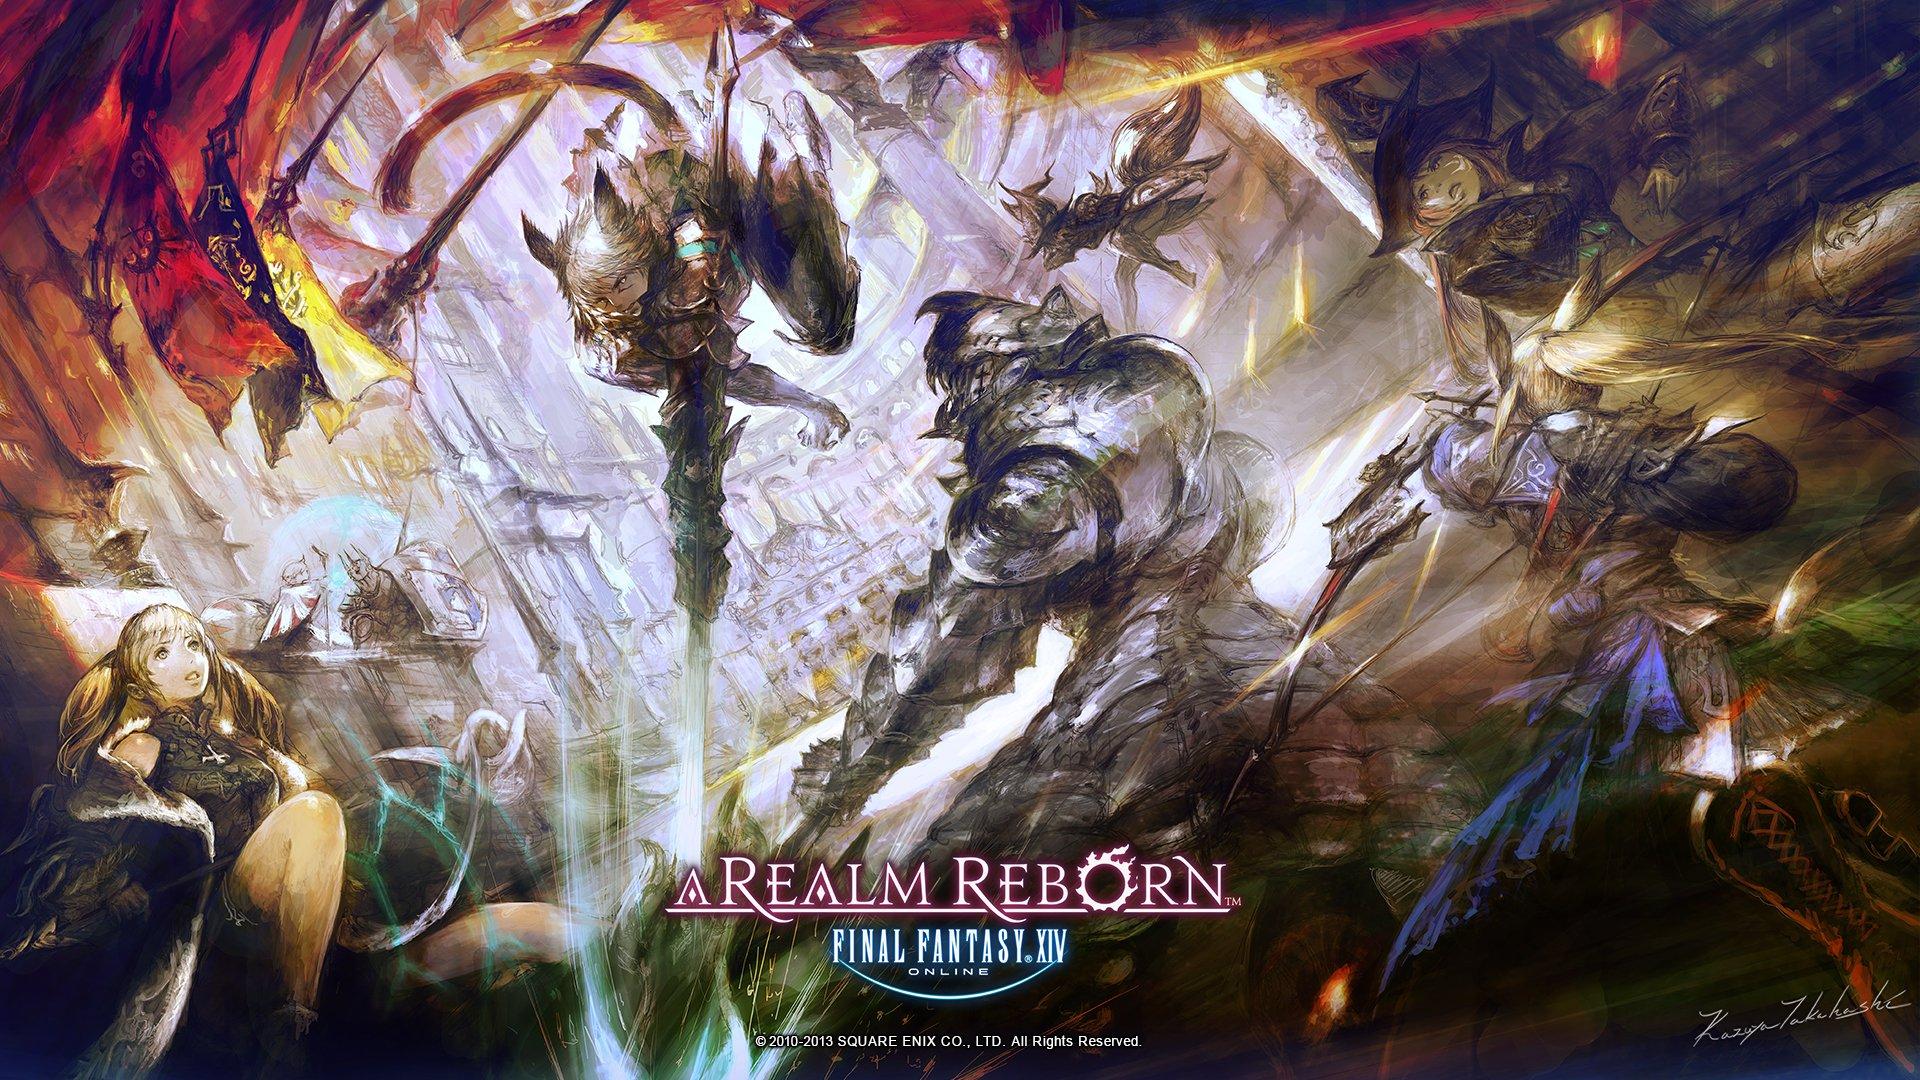 Realm Reborn